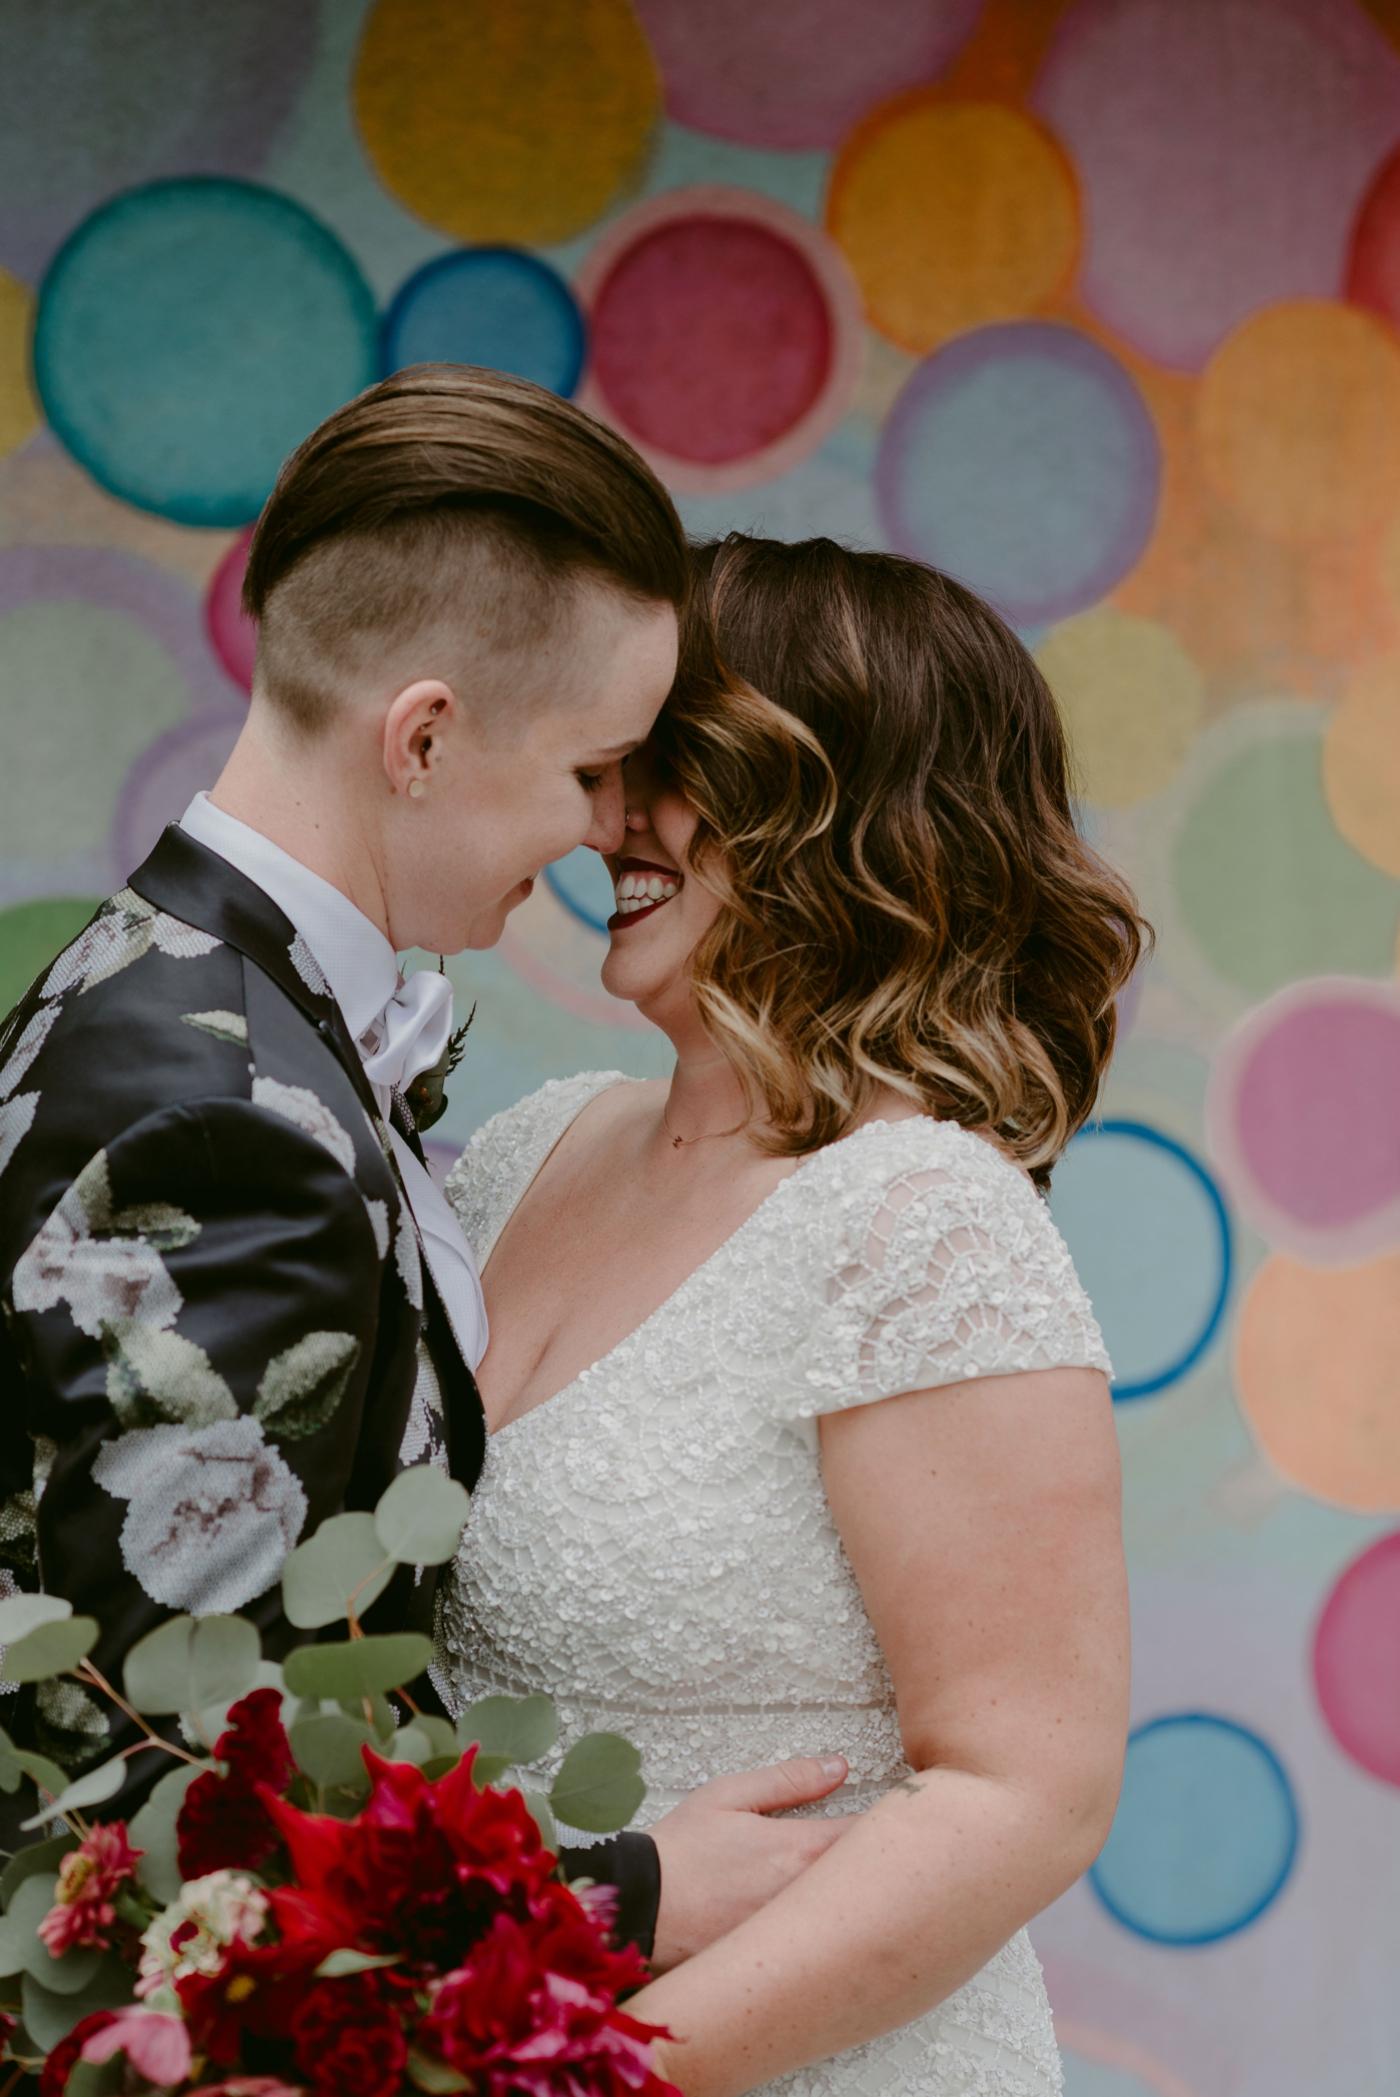 Buffalo-Wedding-Babeville-NY-Courtney+Liz_MJPHOTO-194.jpg